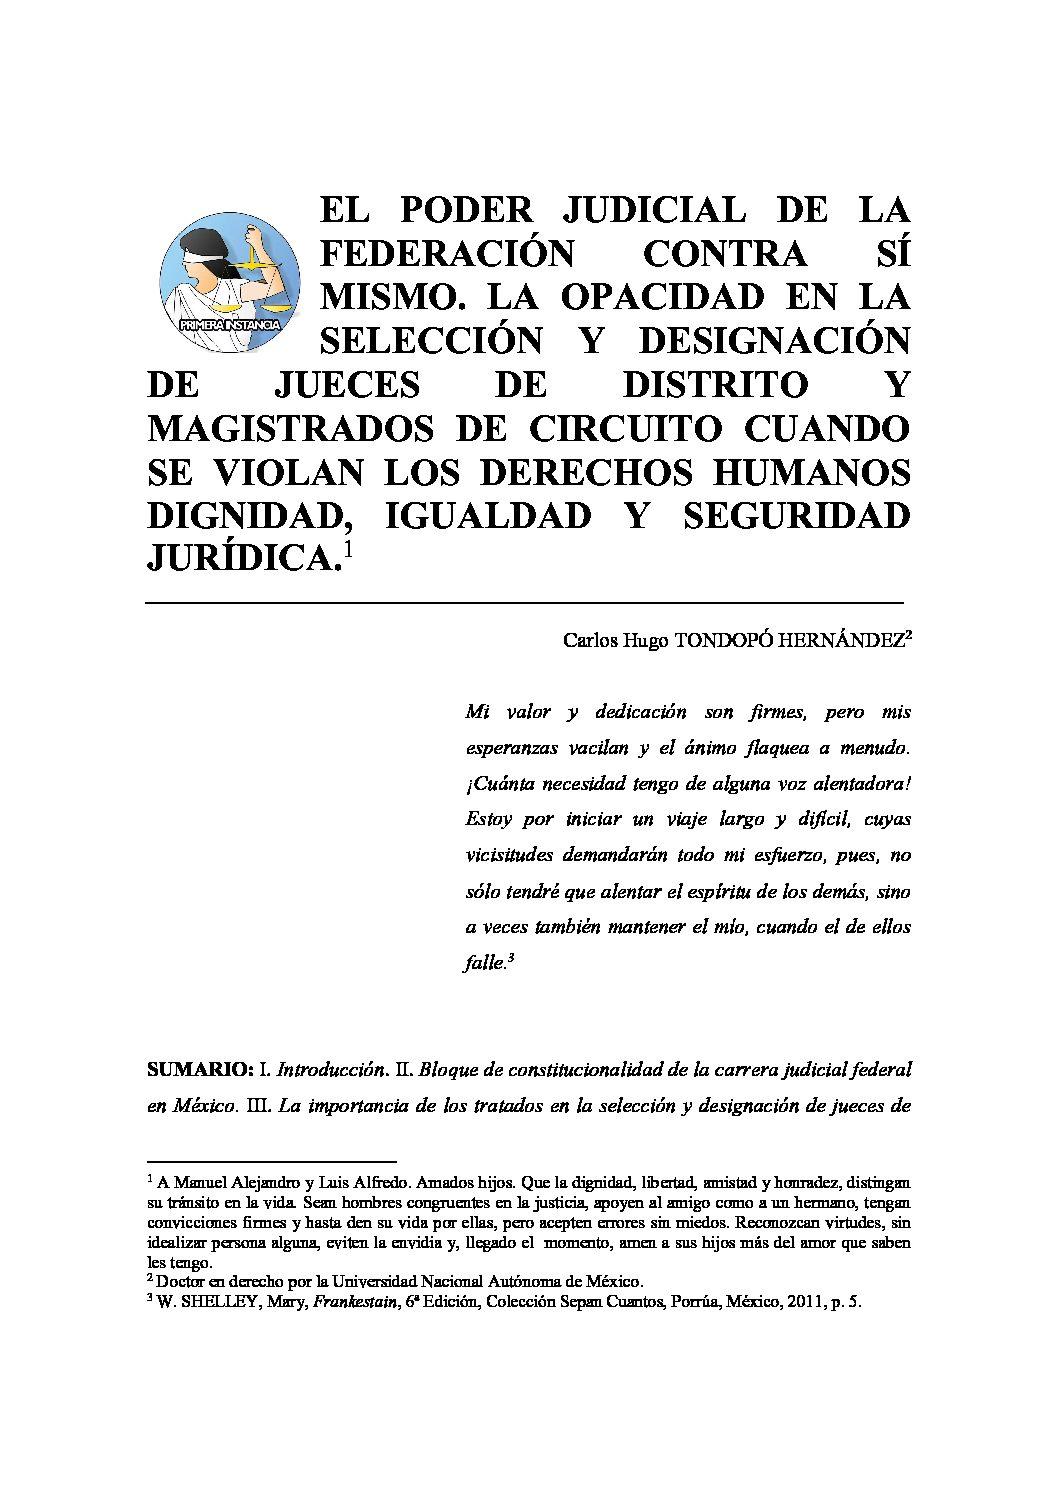 EL PODER JUDICIAL DE LA FEDERACIÓN CONTRA SÍ MISMO…-Carlos-Hugo-Tondopó-Hernández